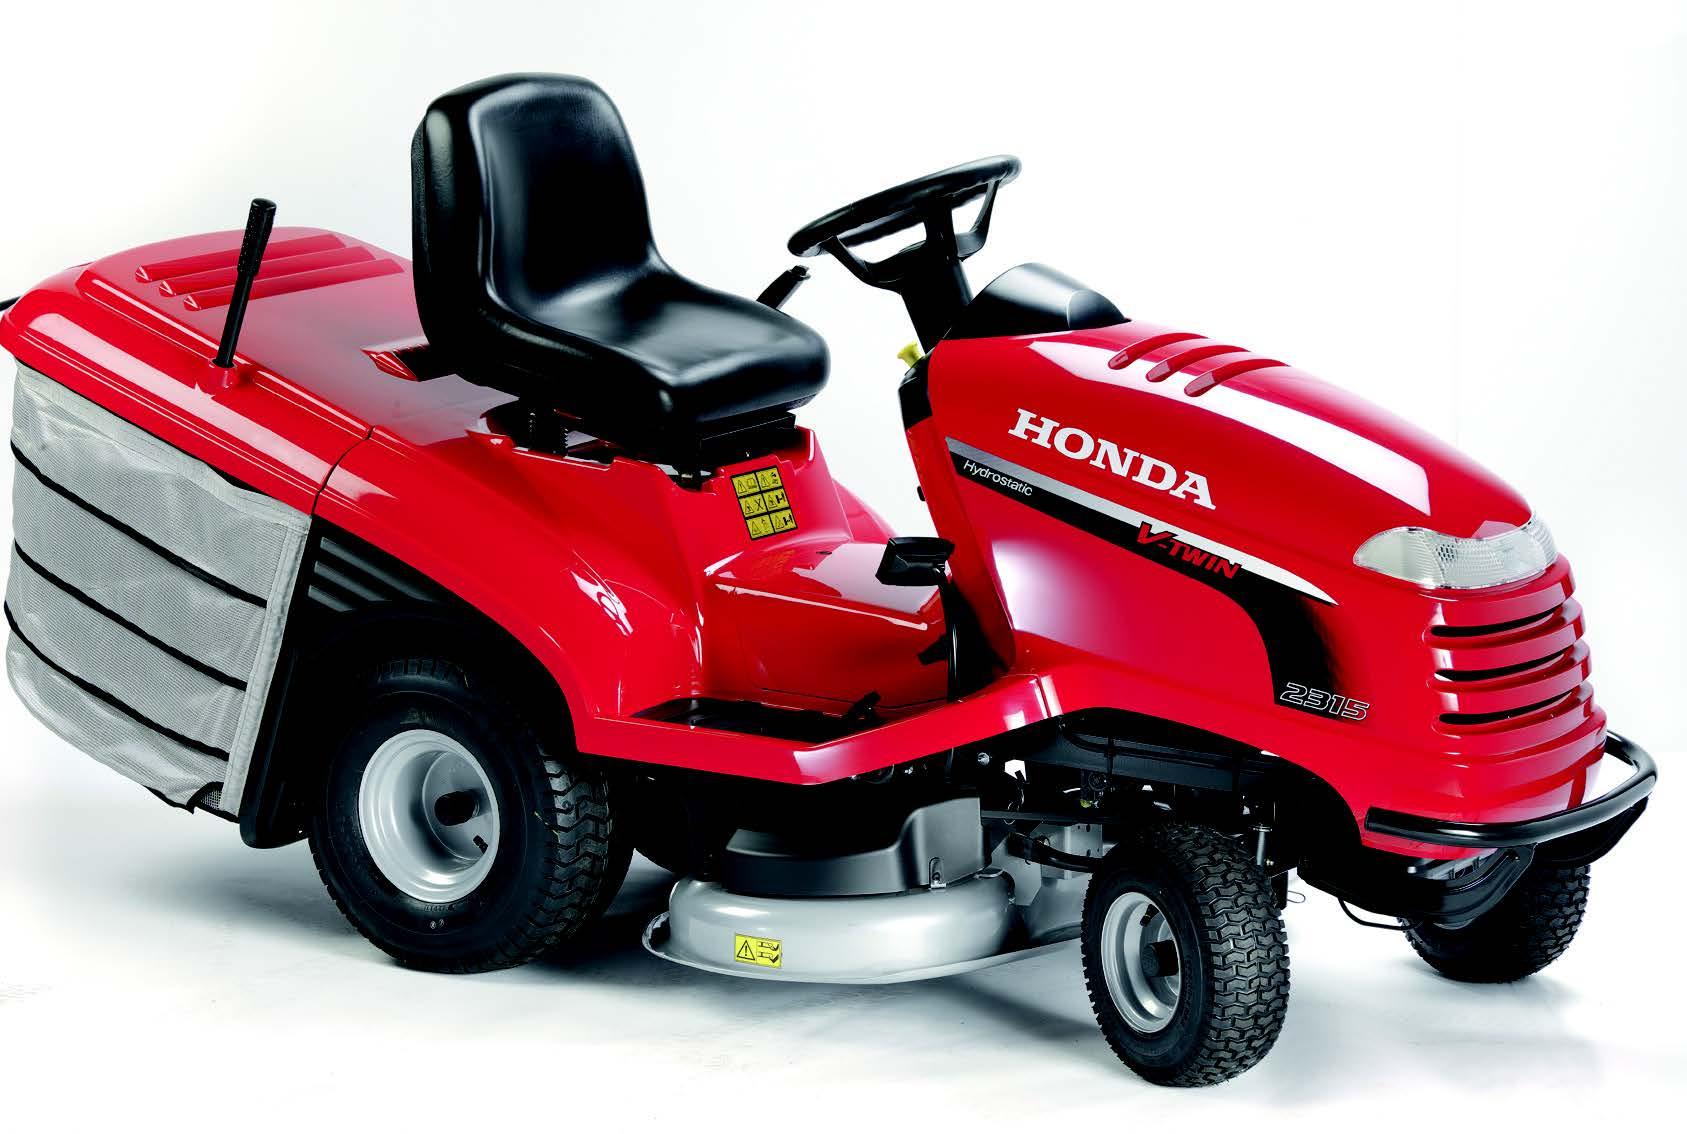 Honda Hf 2315 Hm Hydrostatic Lawn Tractor